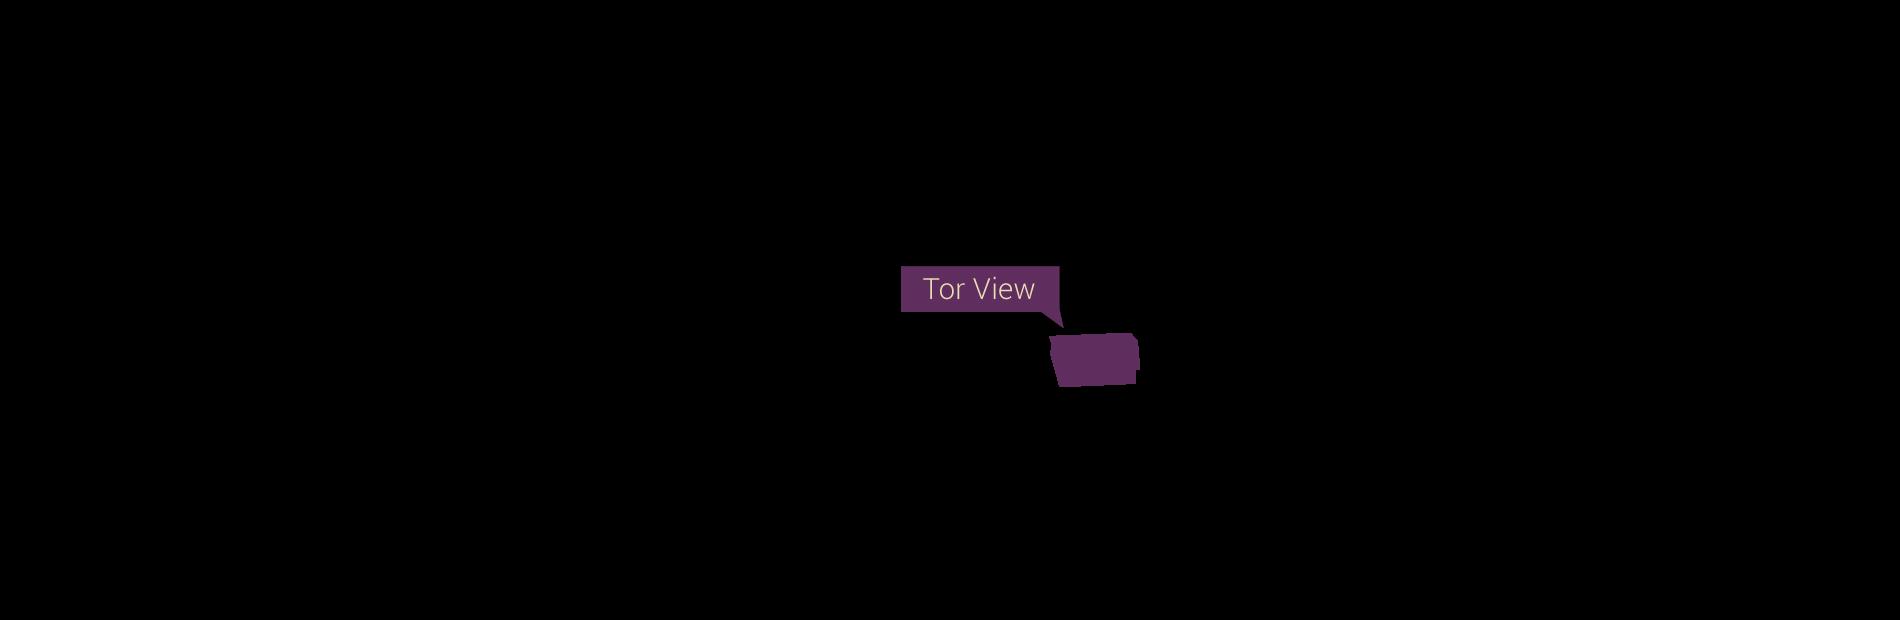 torView